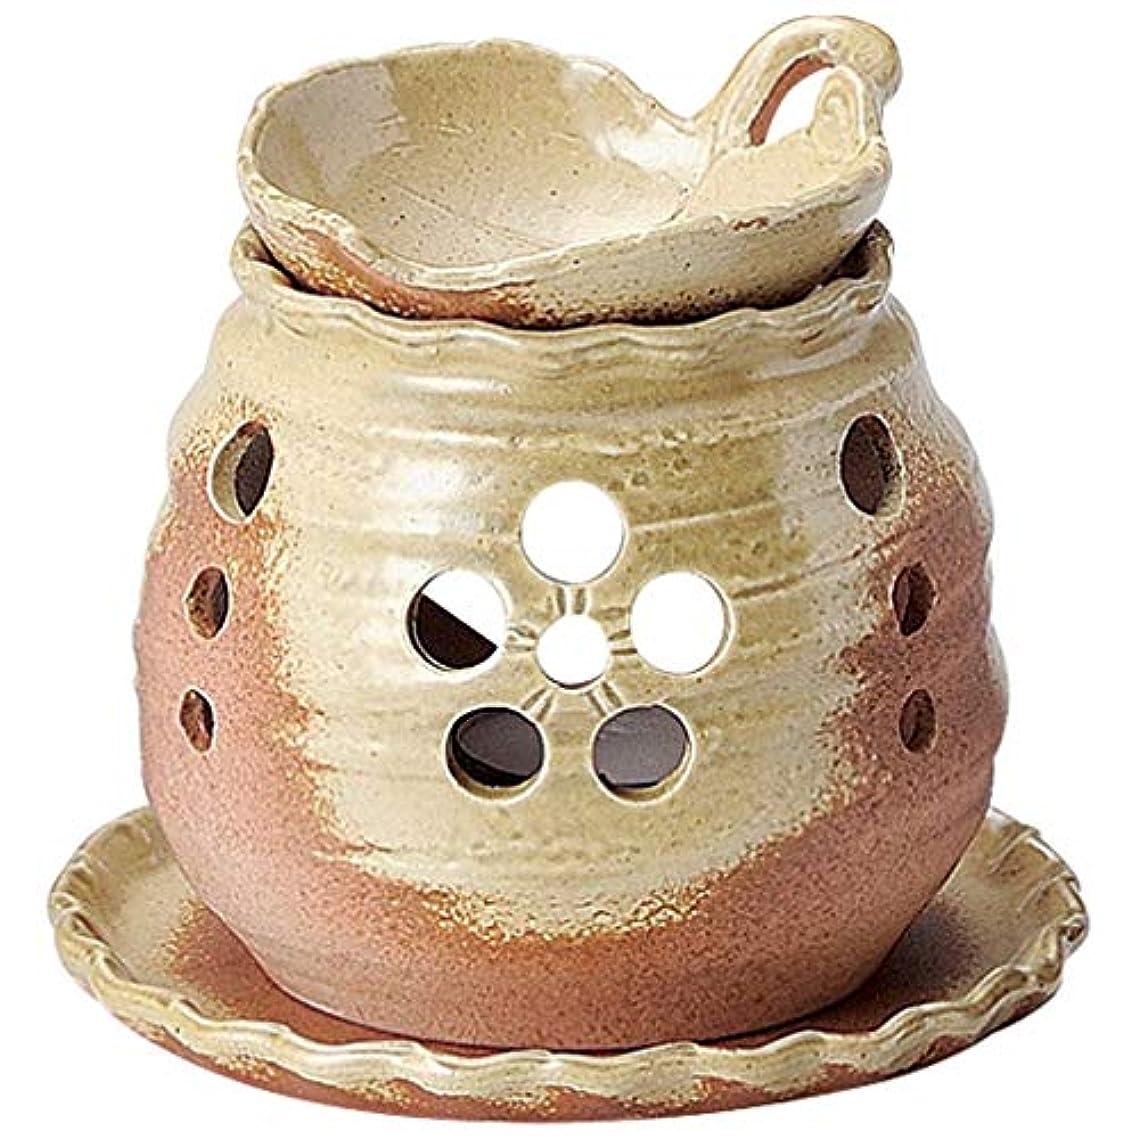 機械的効率暖かく常滑焼 ?39-06 茶香炉ゆとり 木の葉 皿付   ロウソク1ヶ付 径13.2×11.5